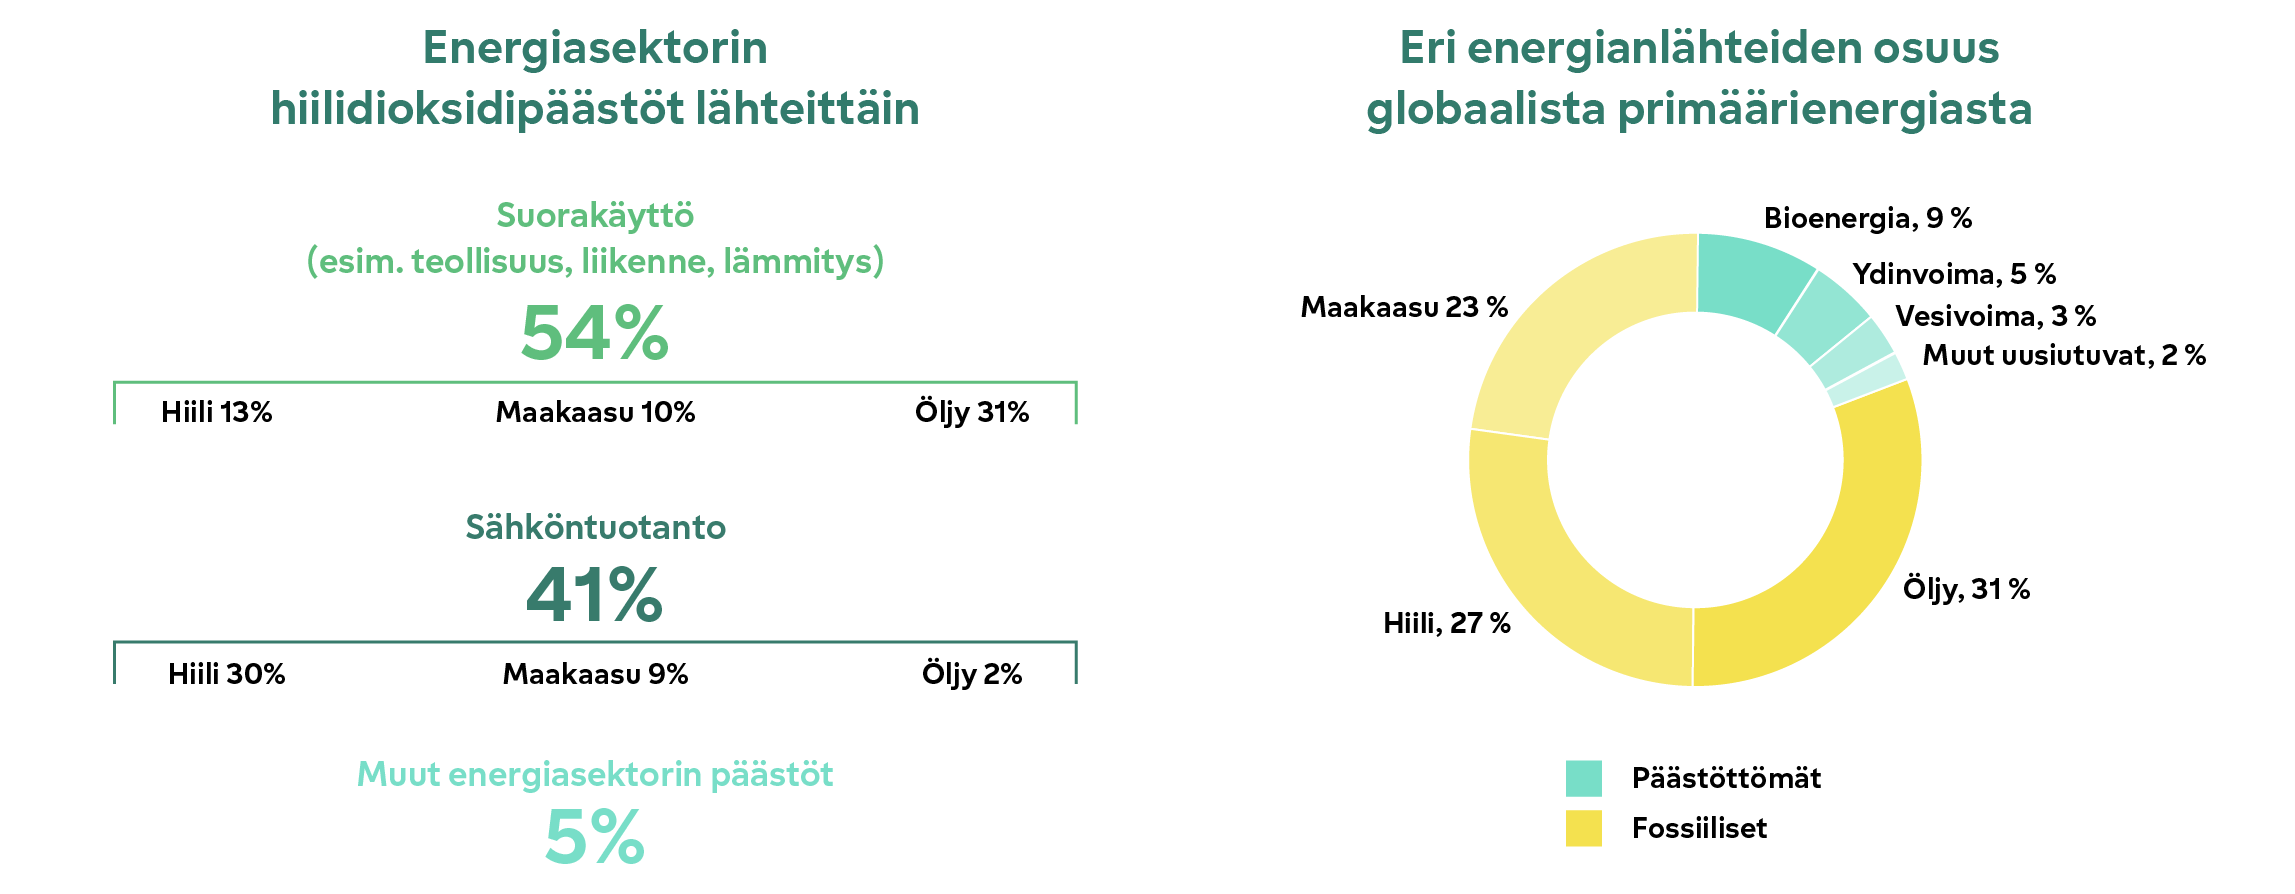 Energiasektorin hiilidioksidipäästöt lähteittäin ja eri energianlähteiden osuus globaalista primäärienergiasta